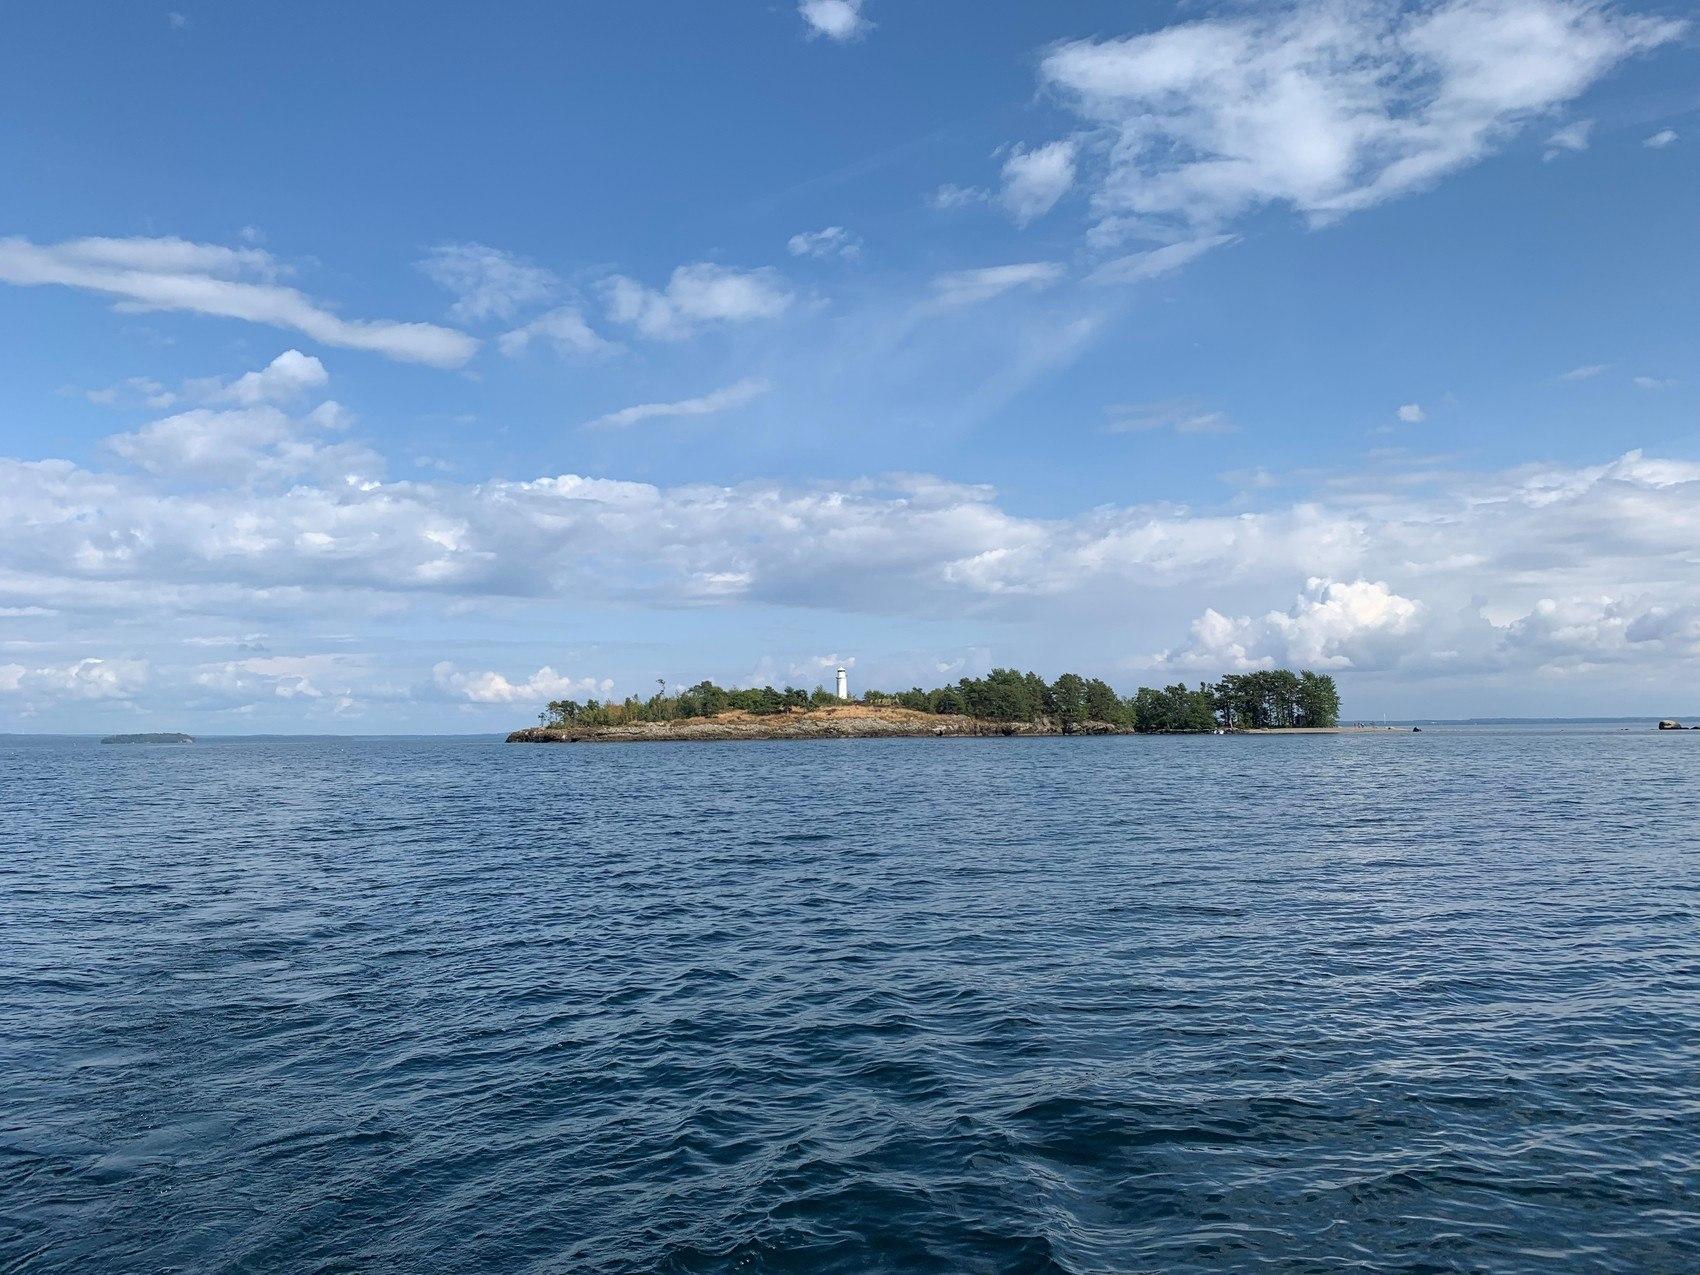 En ö omgiven av vatten och blå himmel